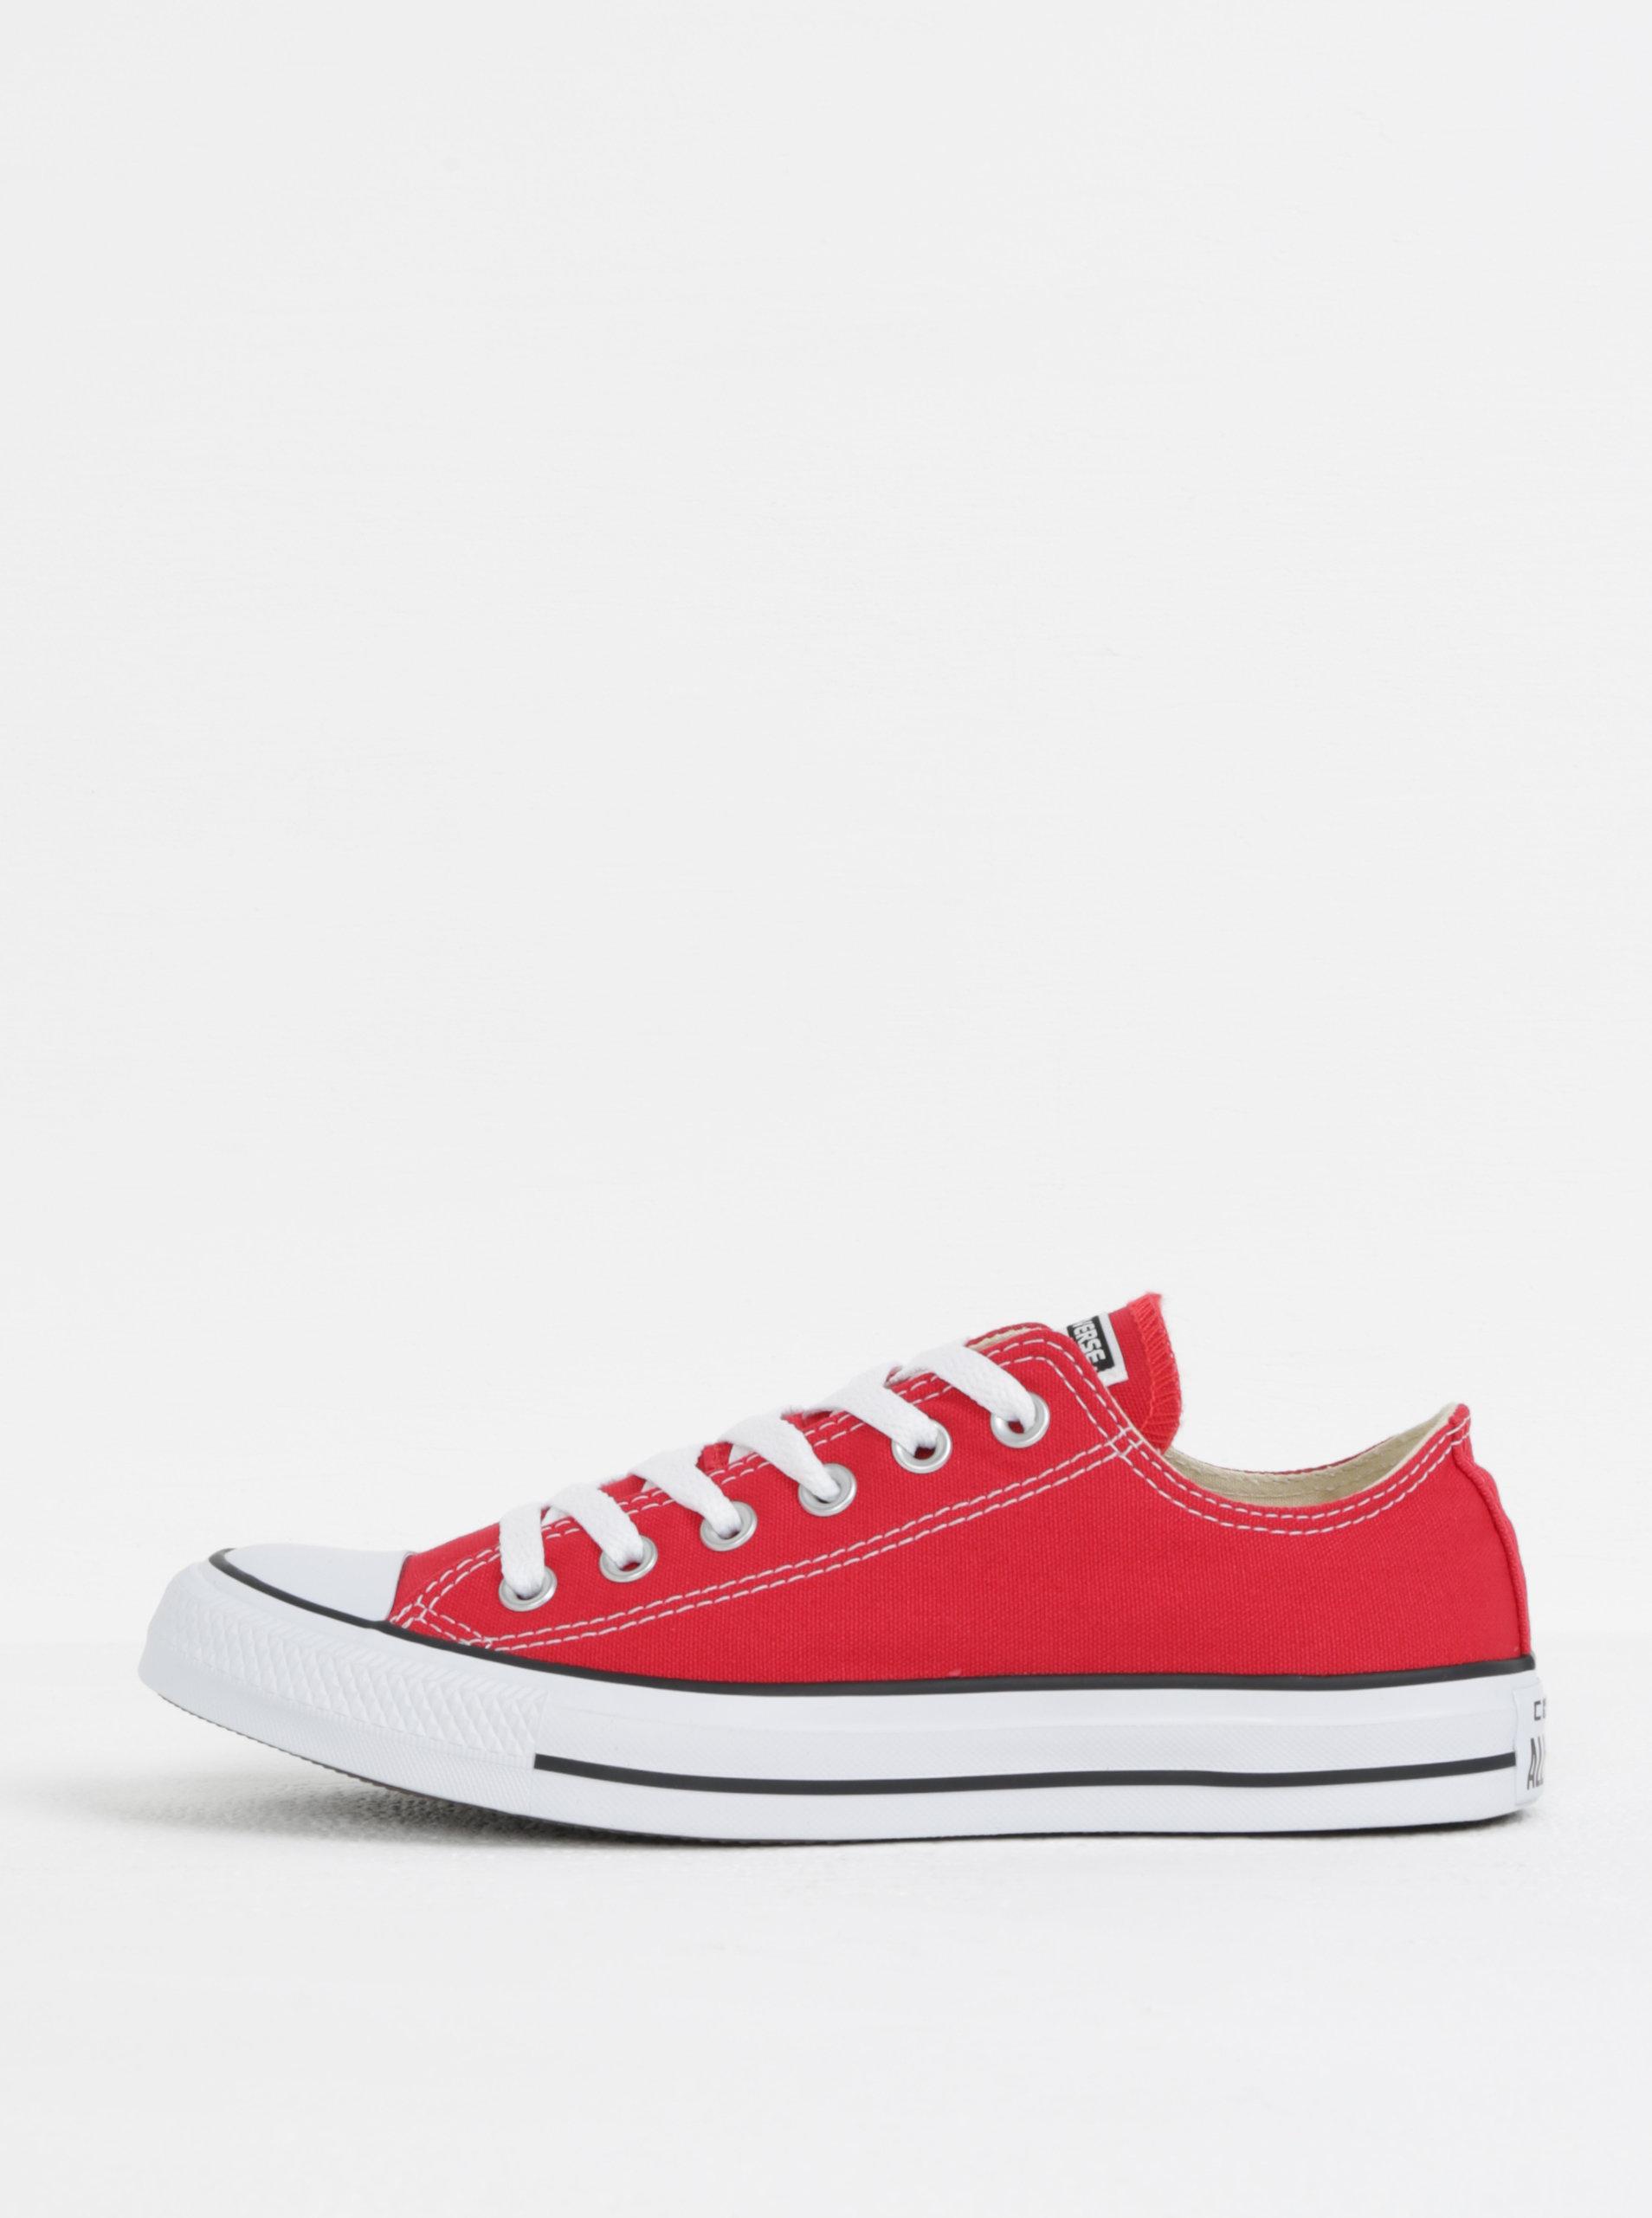 Červené tenisky Converse Chuck Taylor All Star ... de434ba0c9b